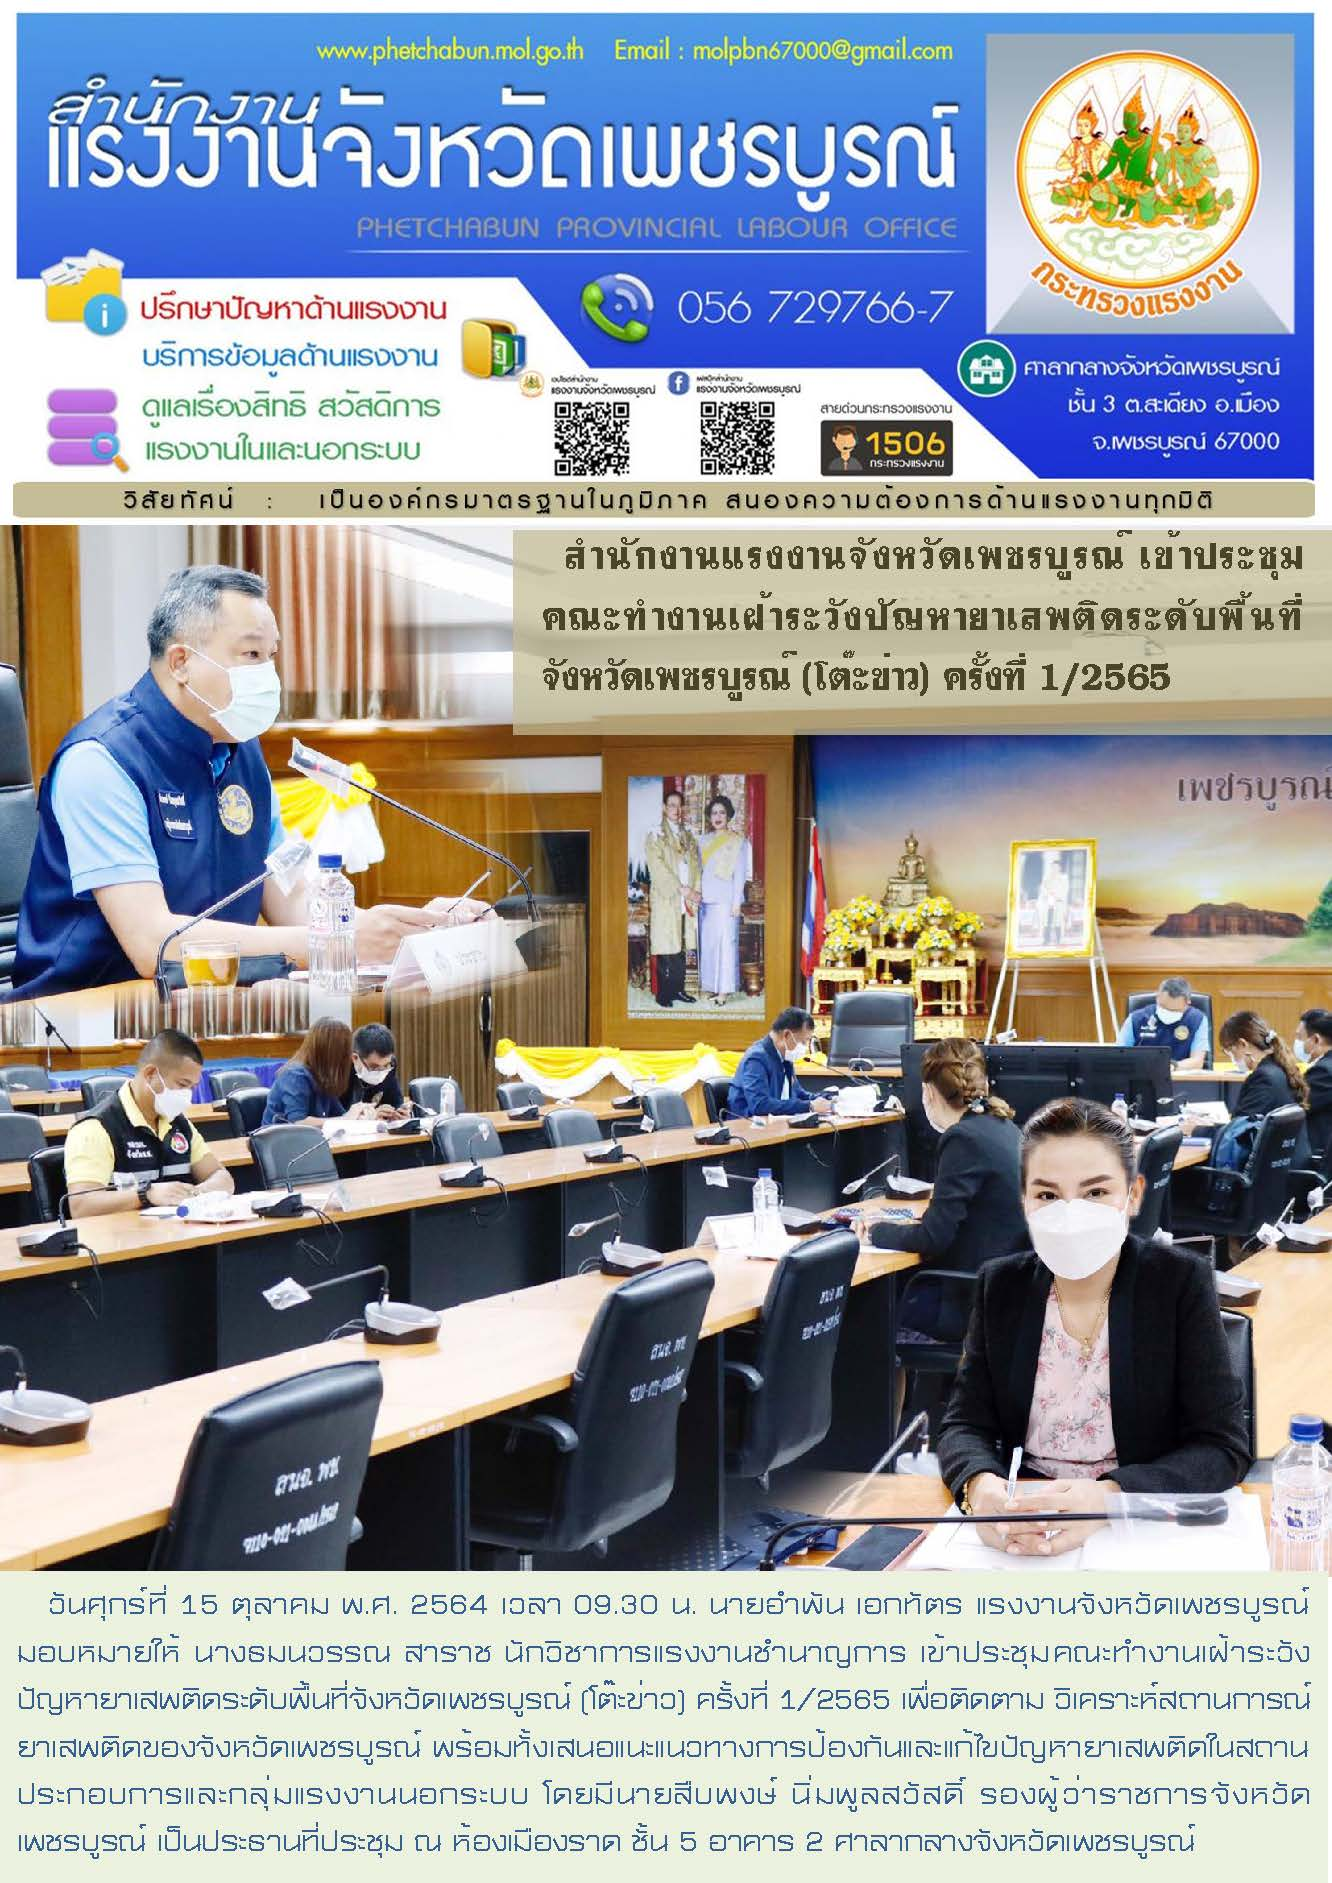 สำนักงานแรงงานจังหวัดเพชรบูรณ์ เข้าประชุมคณะทำงานเฝ้าระวังปัญหายาเสพติดระดับพื้นที่จังหวัดเพชรบูรณ์ (โต๊ะข่าว) ครั้งที่ 1/2565